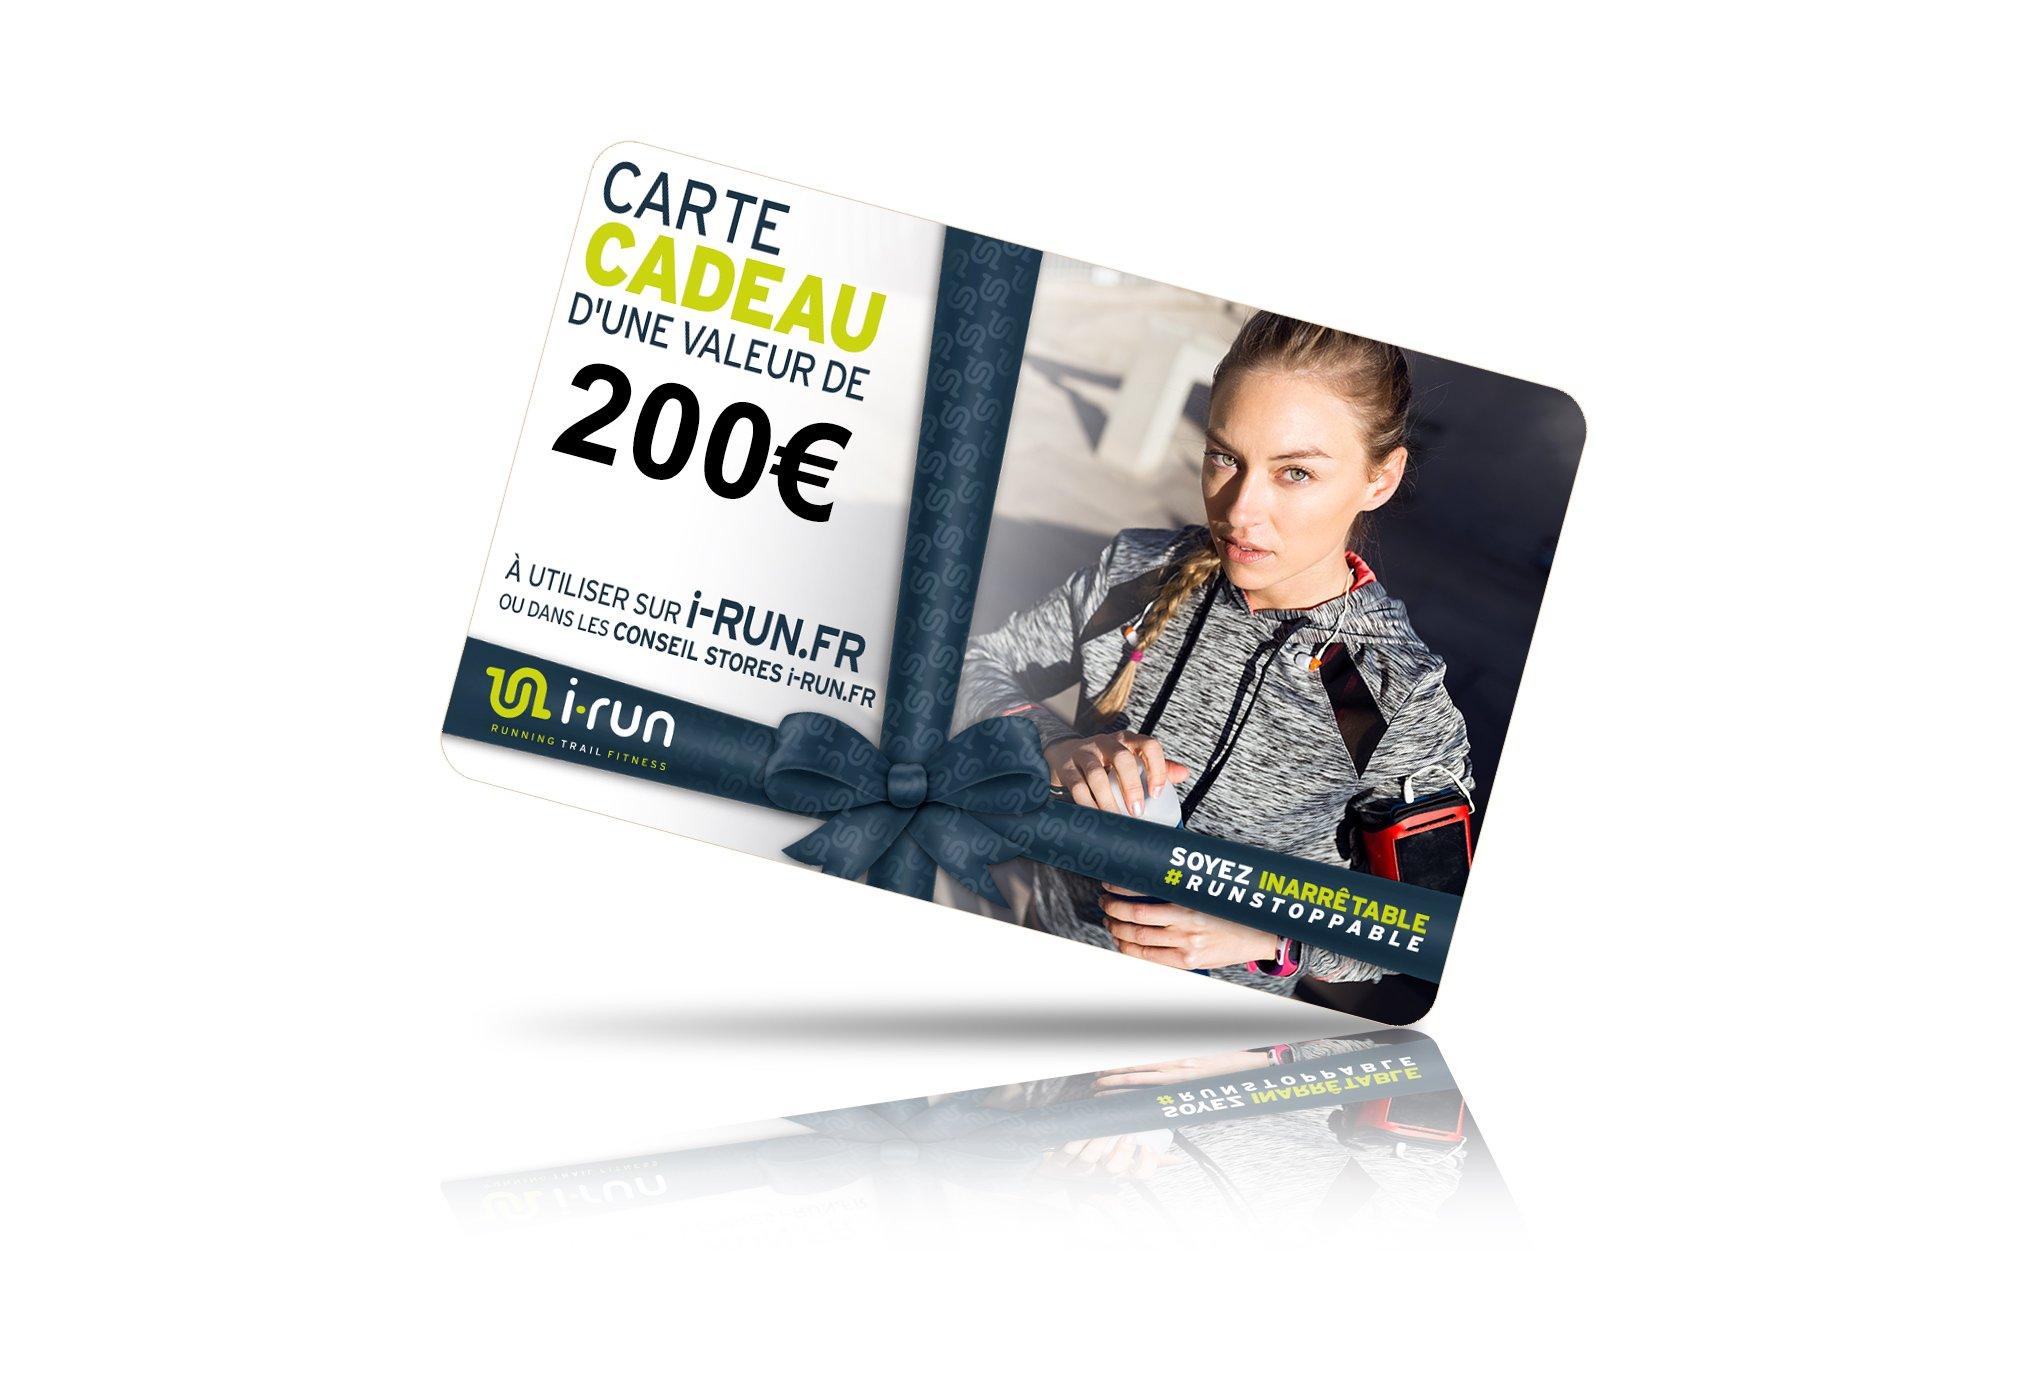 I-Run.Fr Carte cadeau 200 w cartes cadeau